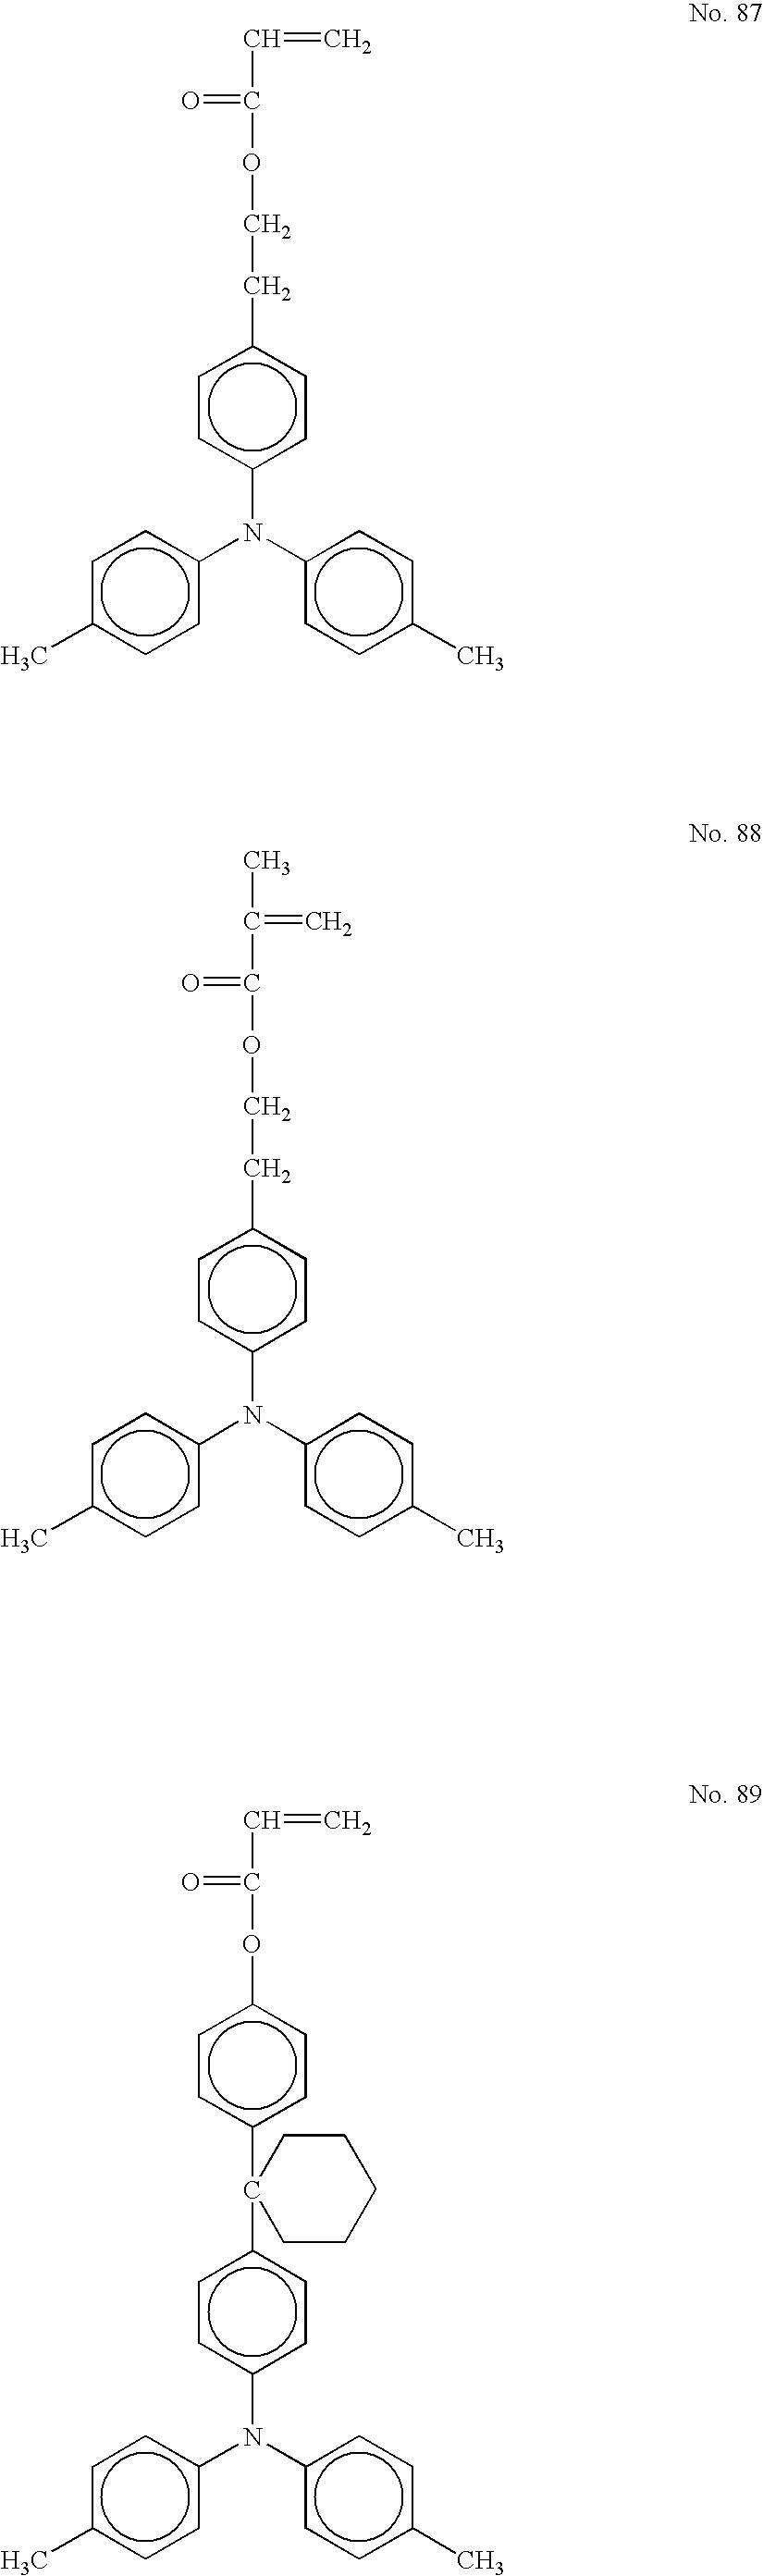 Figure US20060177749A1-20060810-C00045